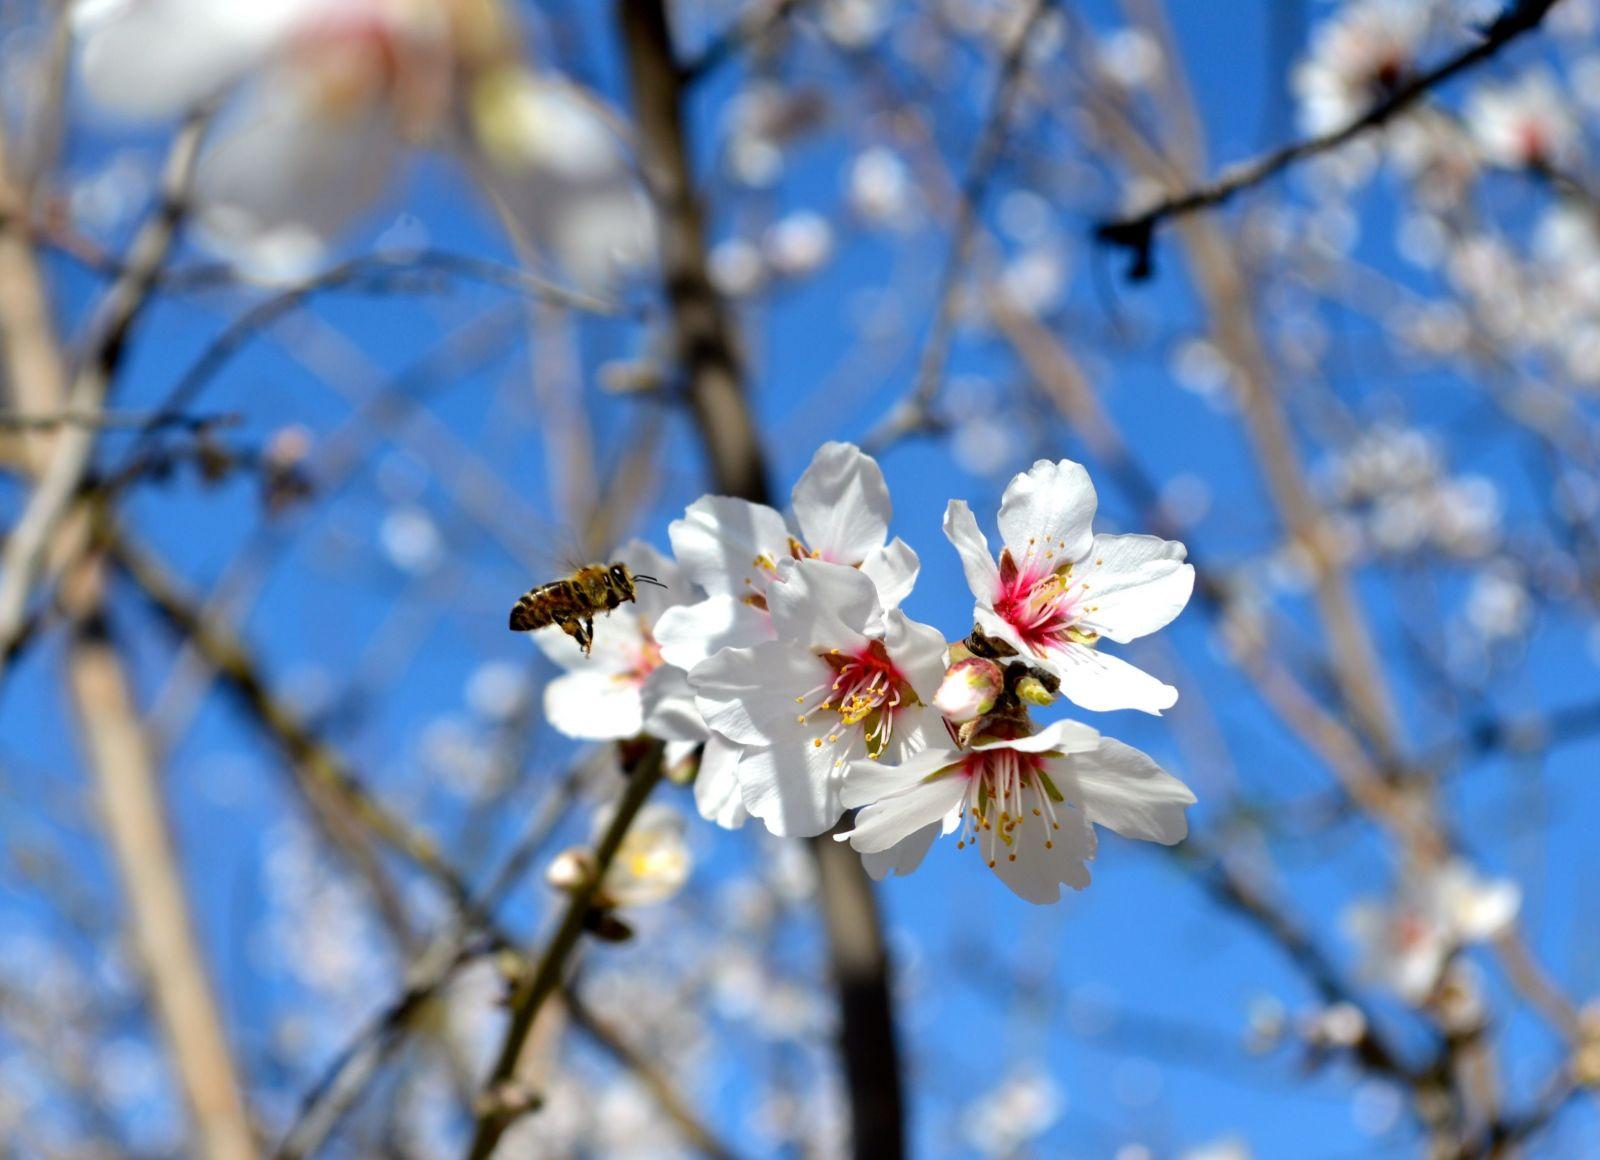 Pestovanie mandlí a vysoká spotreba mandľového mlieka zabíja včely. Za minulú zimu ich uhynulo až 50 miliárd